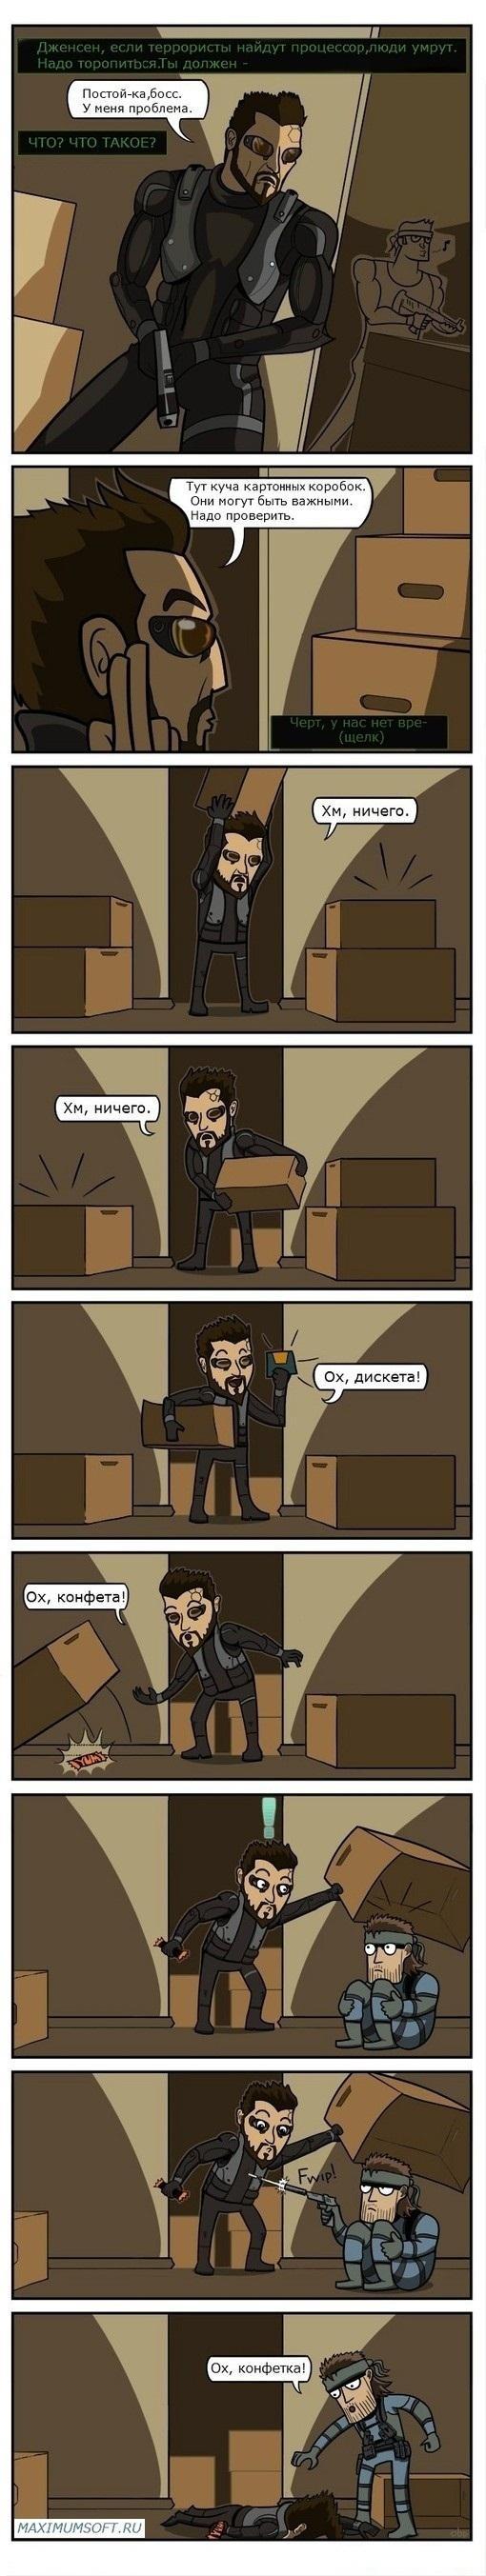 Привет, КАНОБУ! Сегодня увидел небольшой комикс про Deus Ex: Human Revolution и решил перевести его для ВАС! Приятно ... - Изображение 1